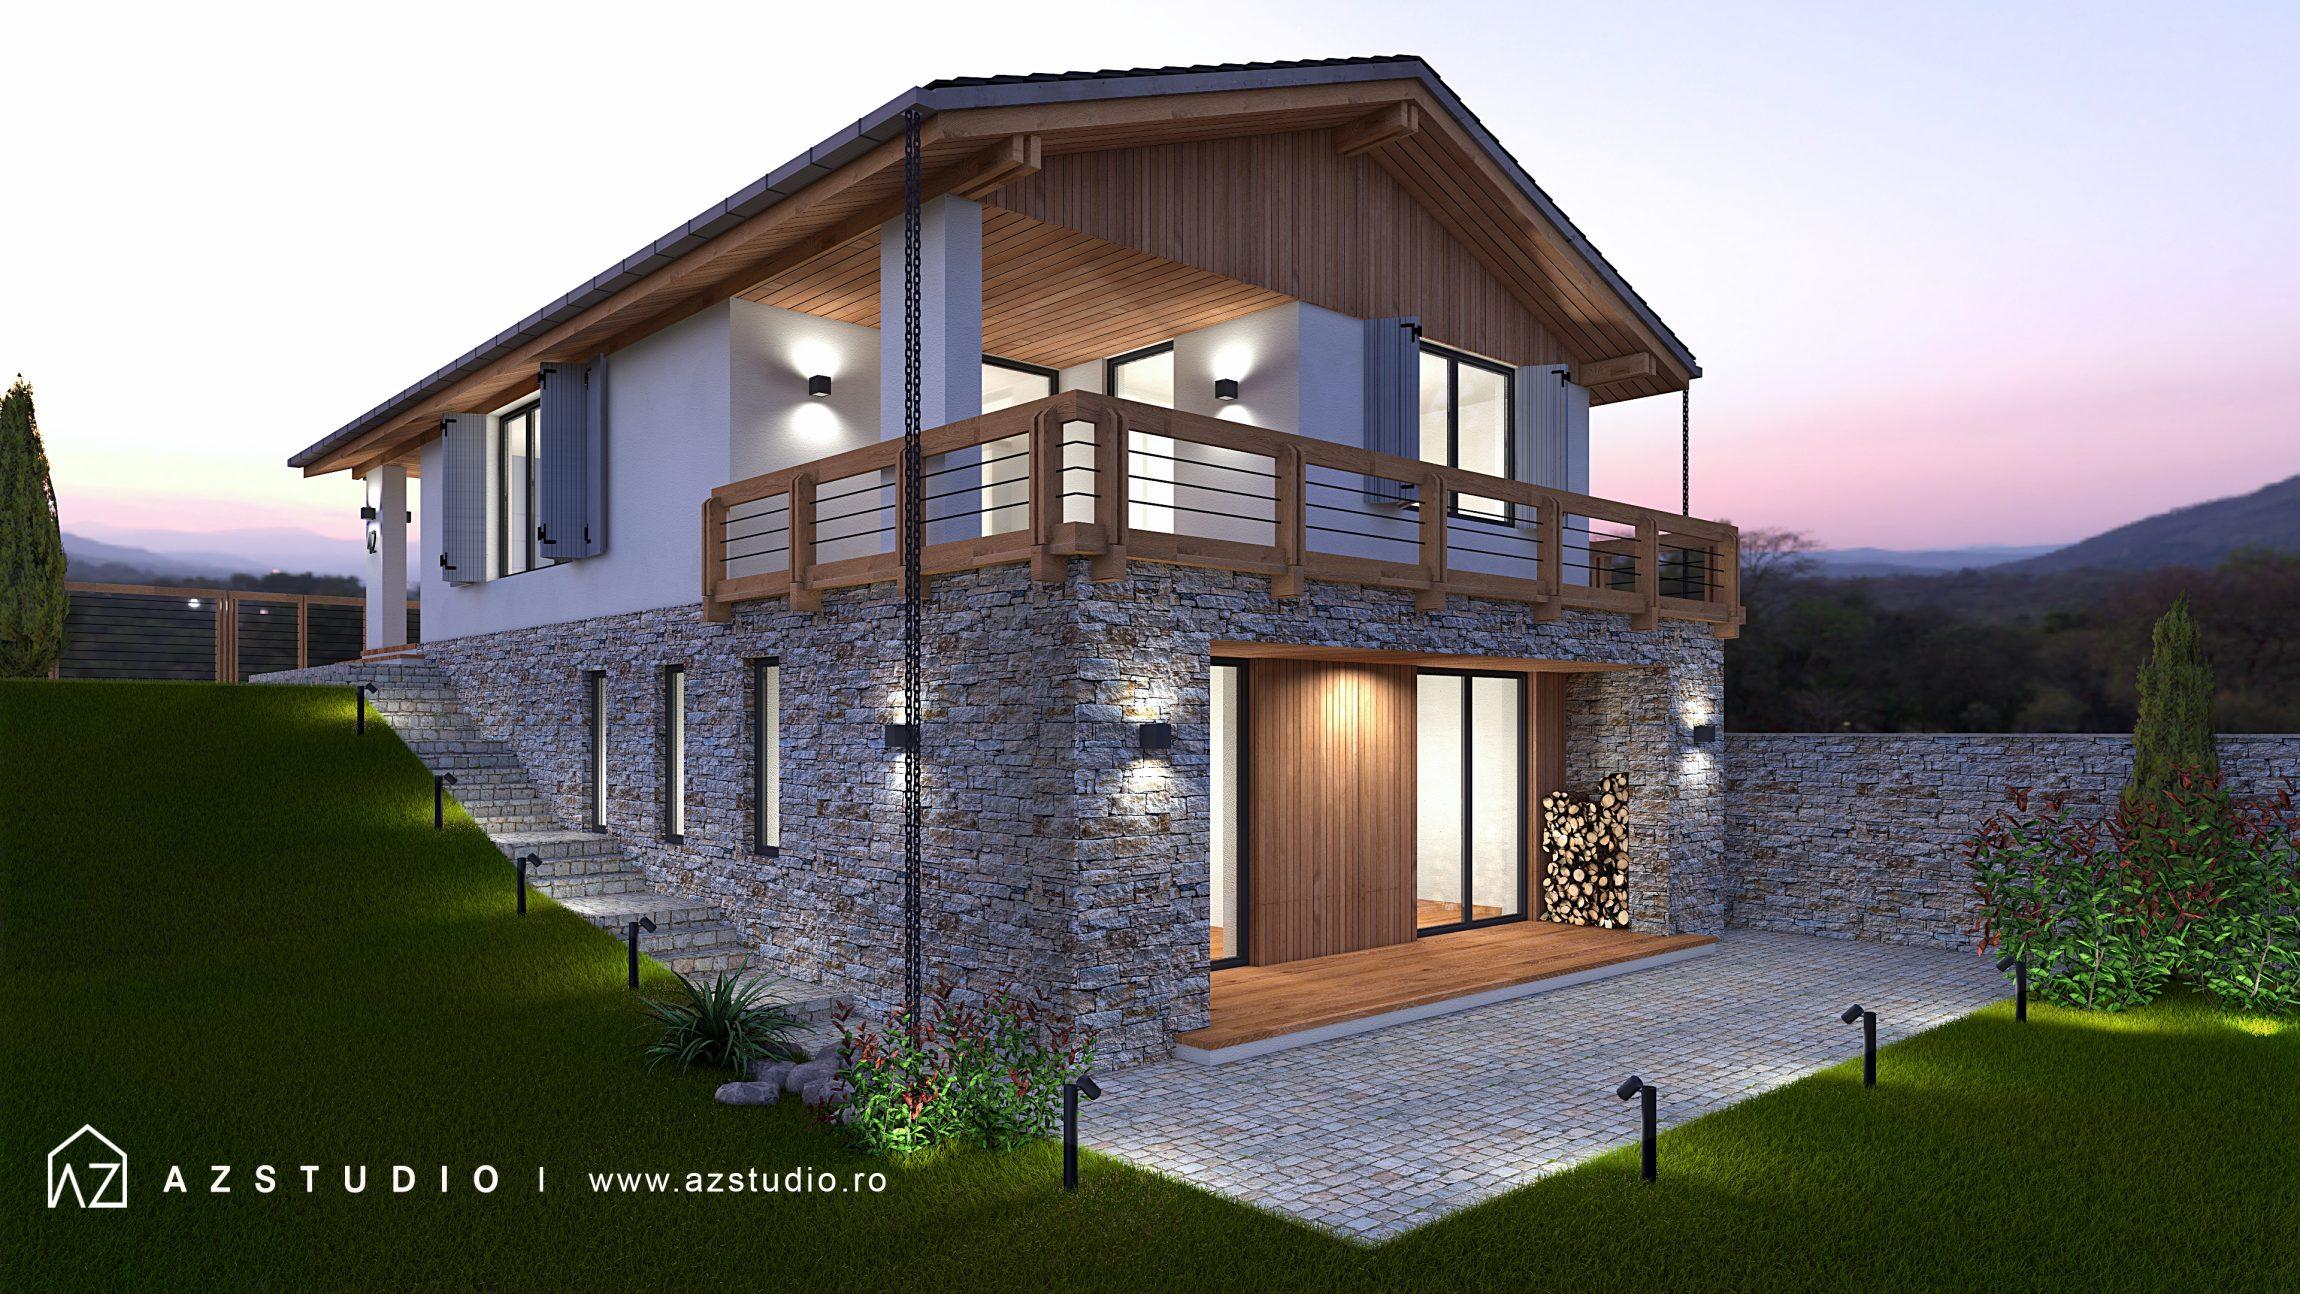 Casa pe teren in panta, parter si etaj, 164mp, proiect pentru zona de deal, stil montan, rustic.